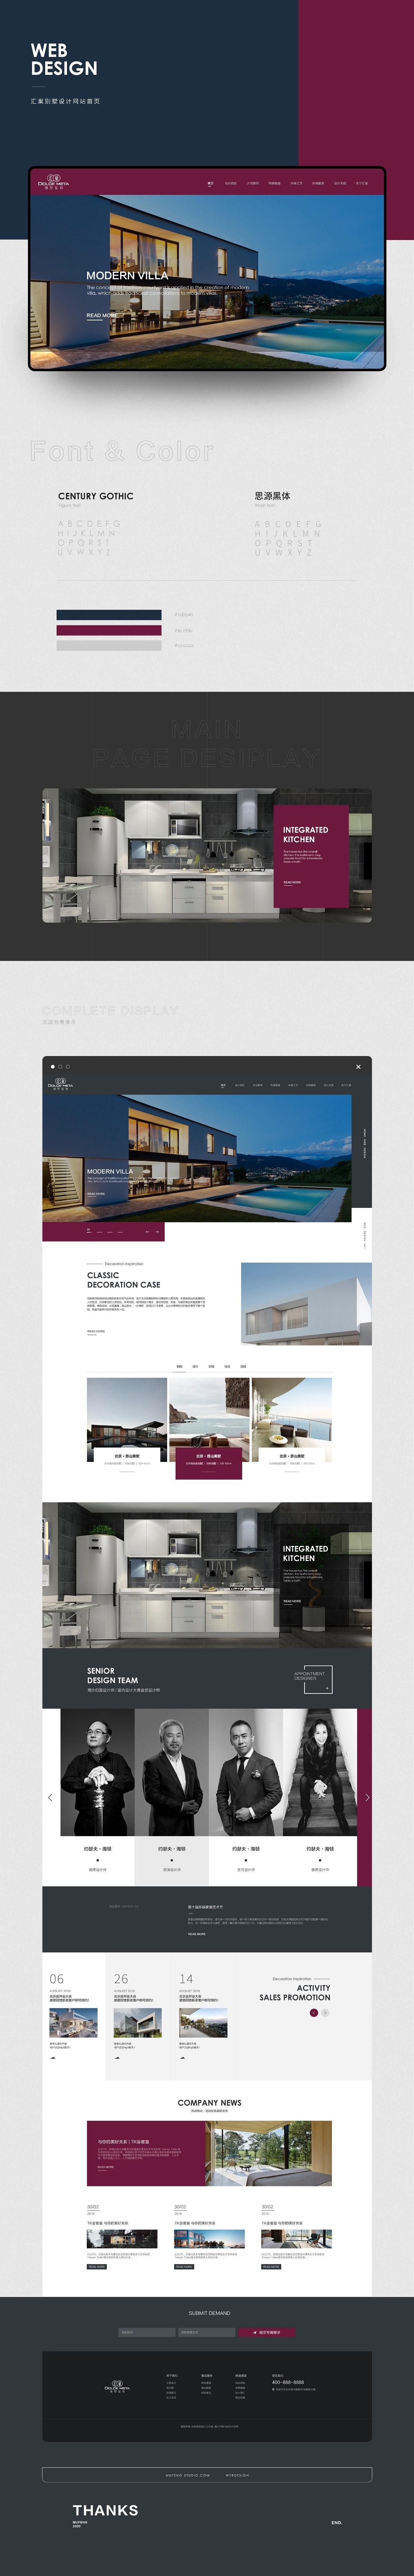 2个室内装修行业网页设计